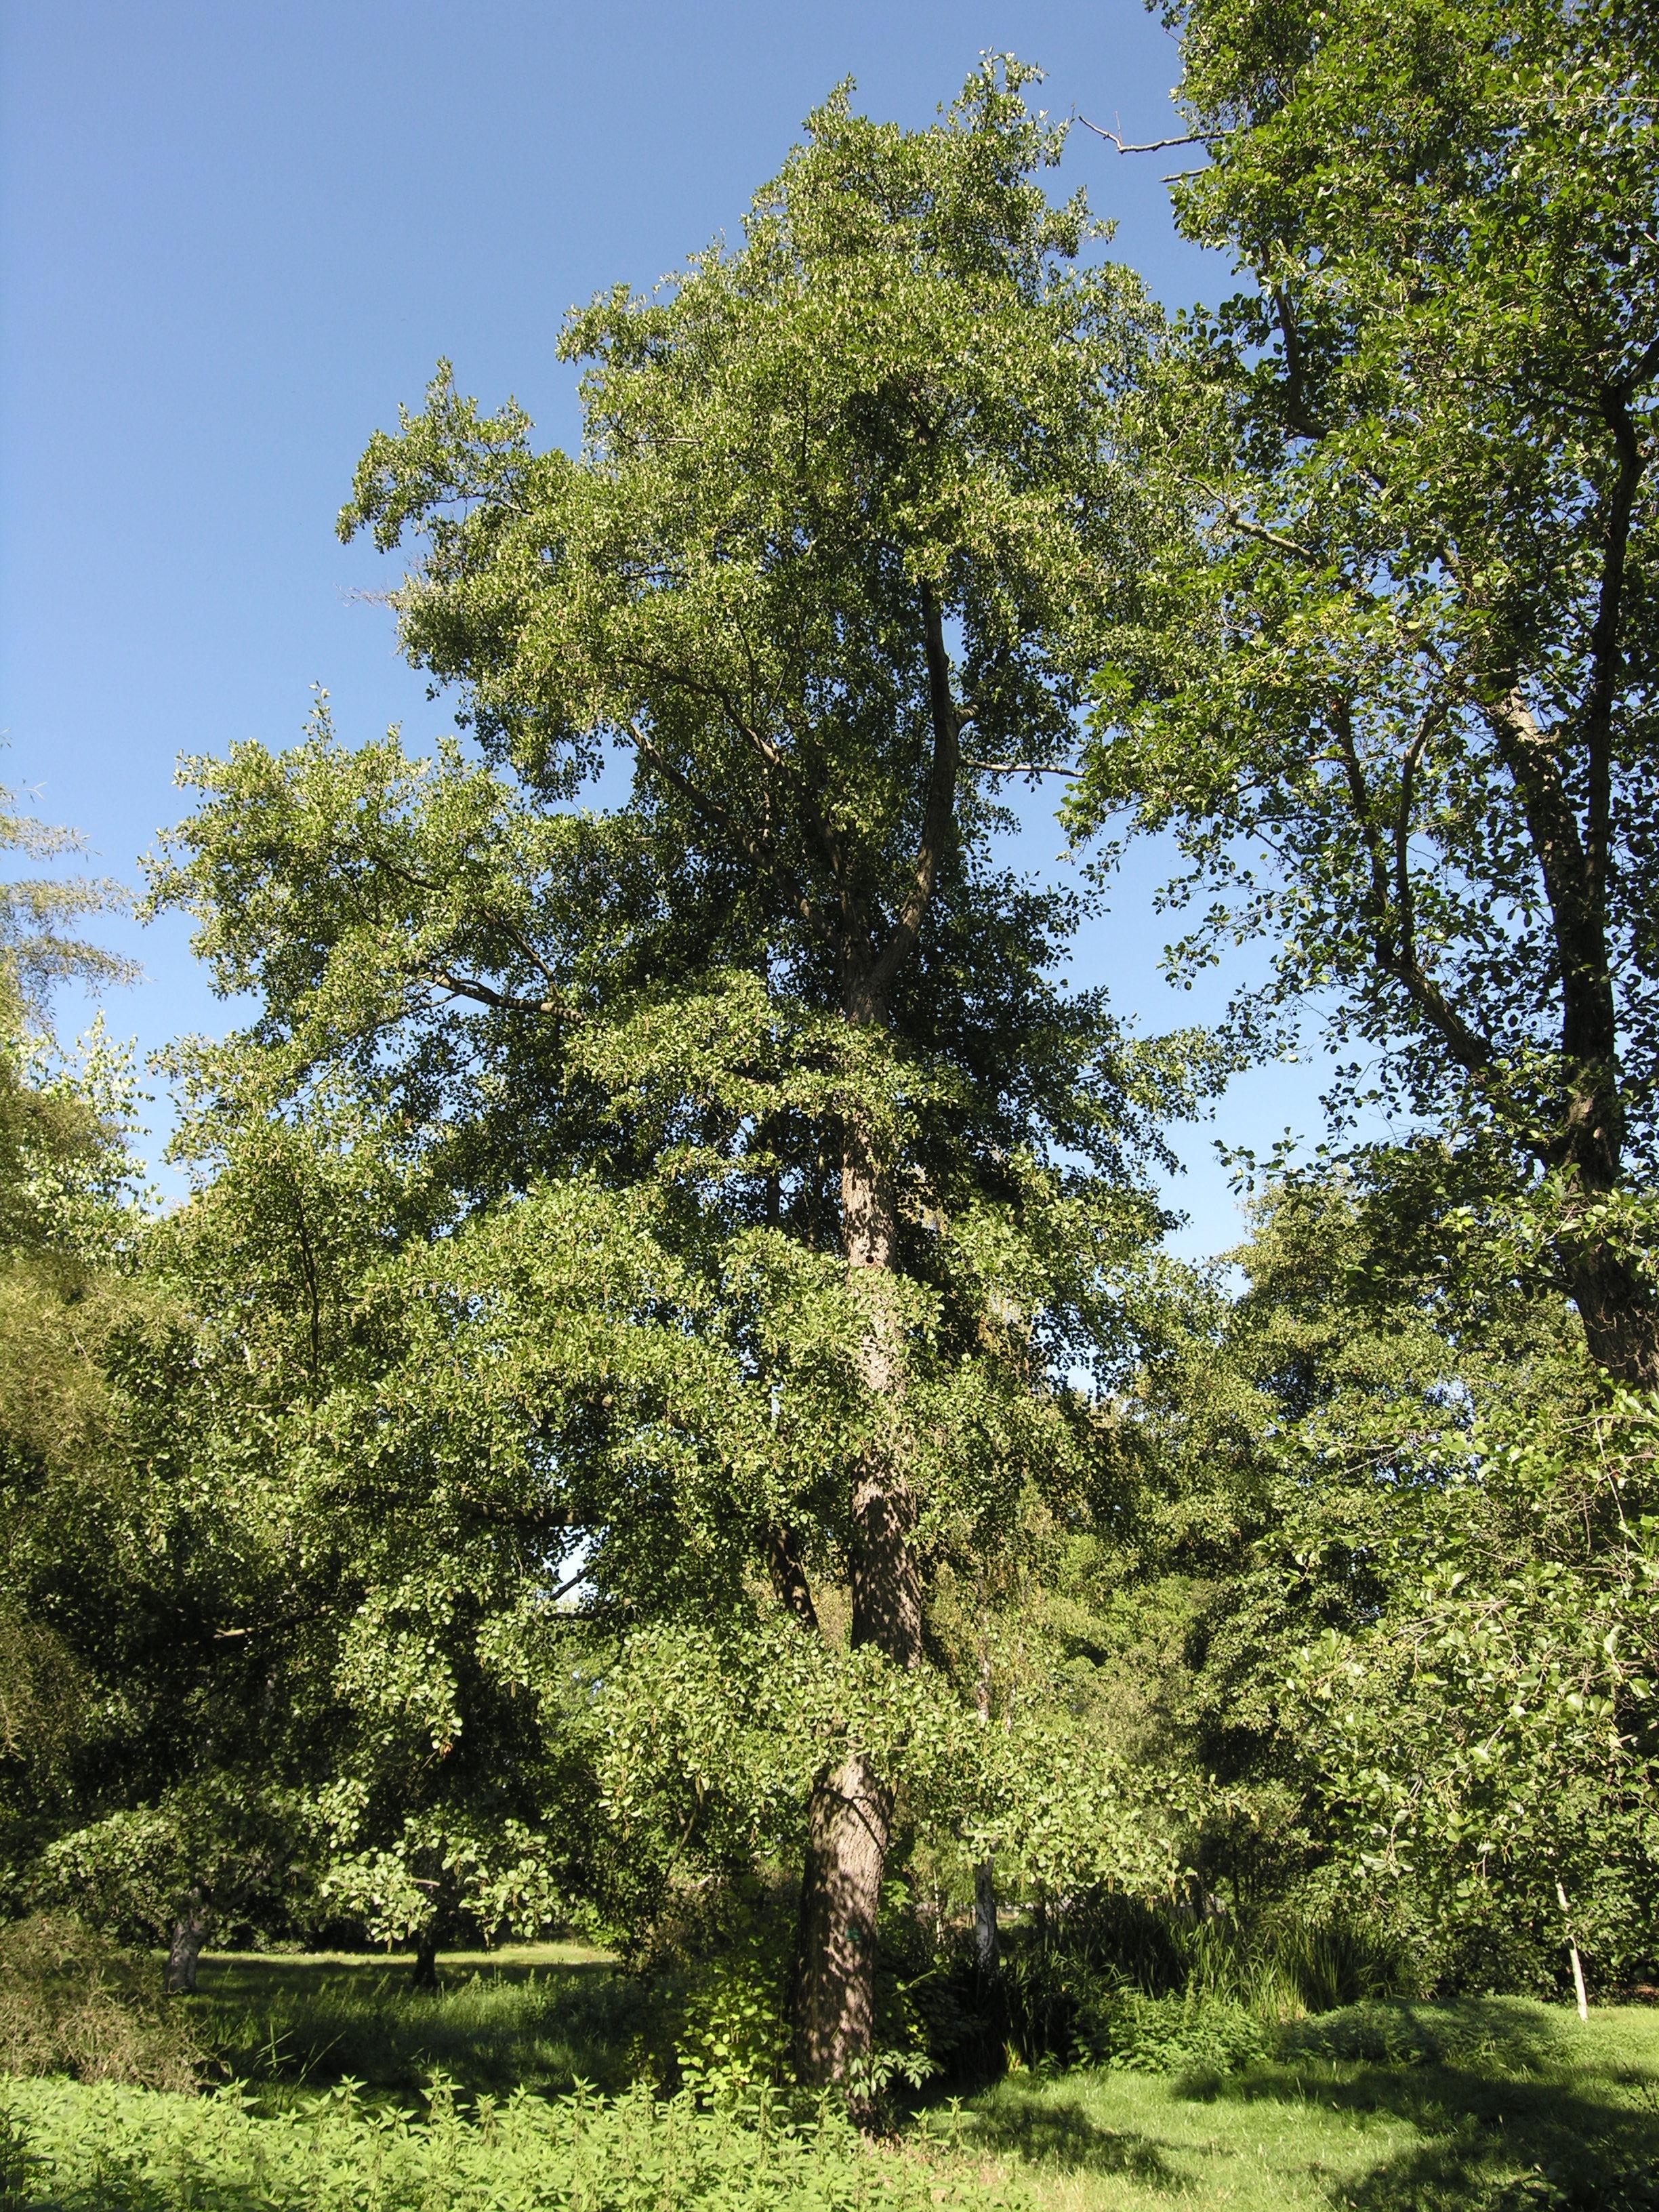 © Dipartimento di Scienze della Vita, Università degli Studi di Trieste<br>by Andrea Moro<br>Joinville-le-Pont, Arboretum de l'Ecole Du Breuil / Jardin botanique de la Ville de Paris, Francia, 23/09/2010<br>Distributed under CC-BY-SA 4.0 license.